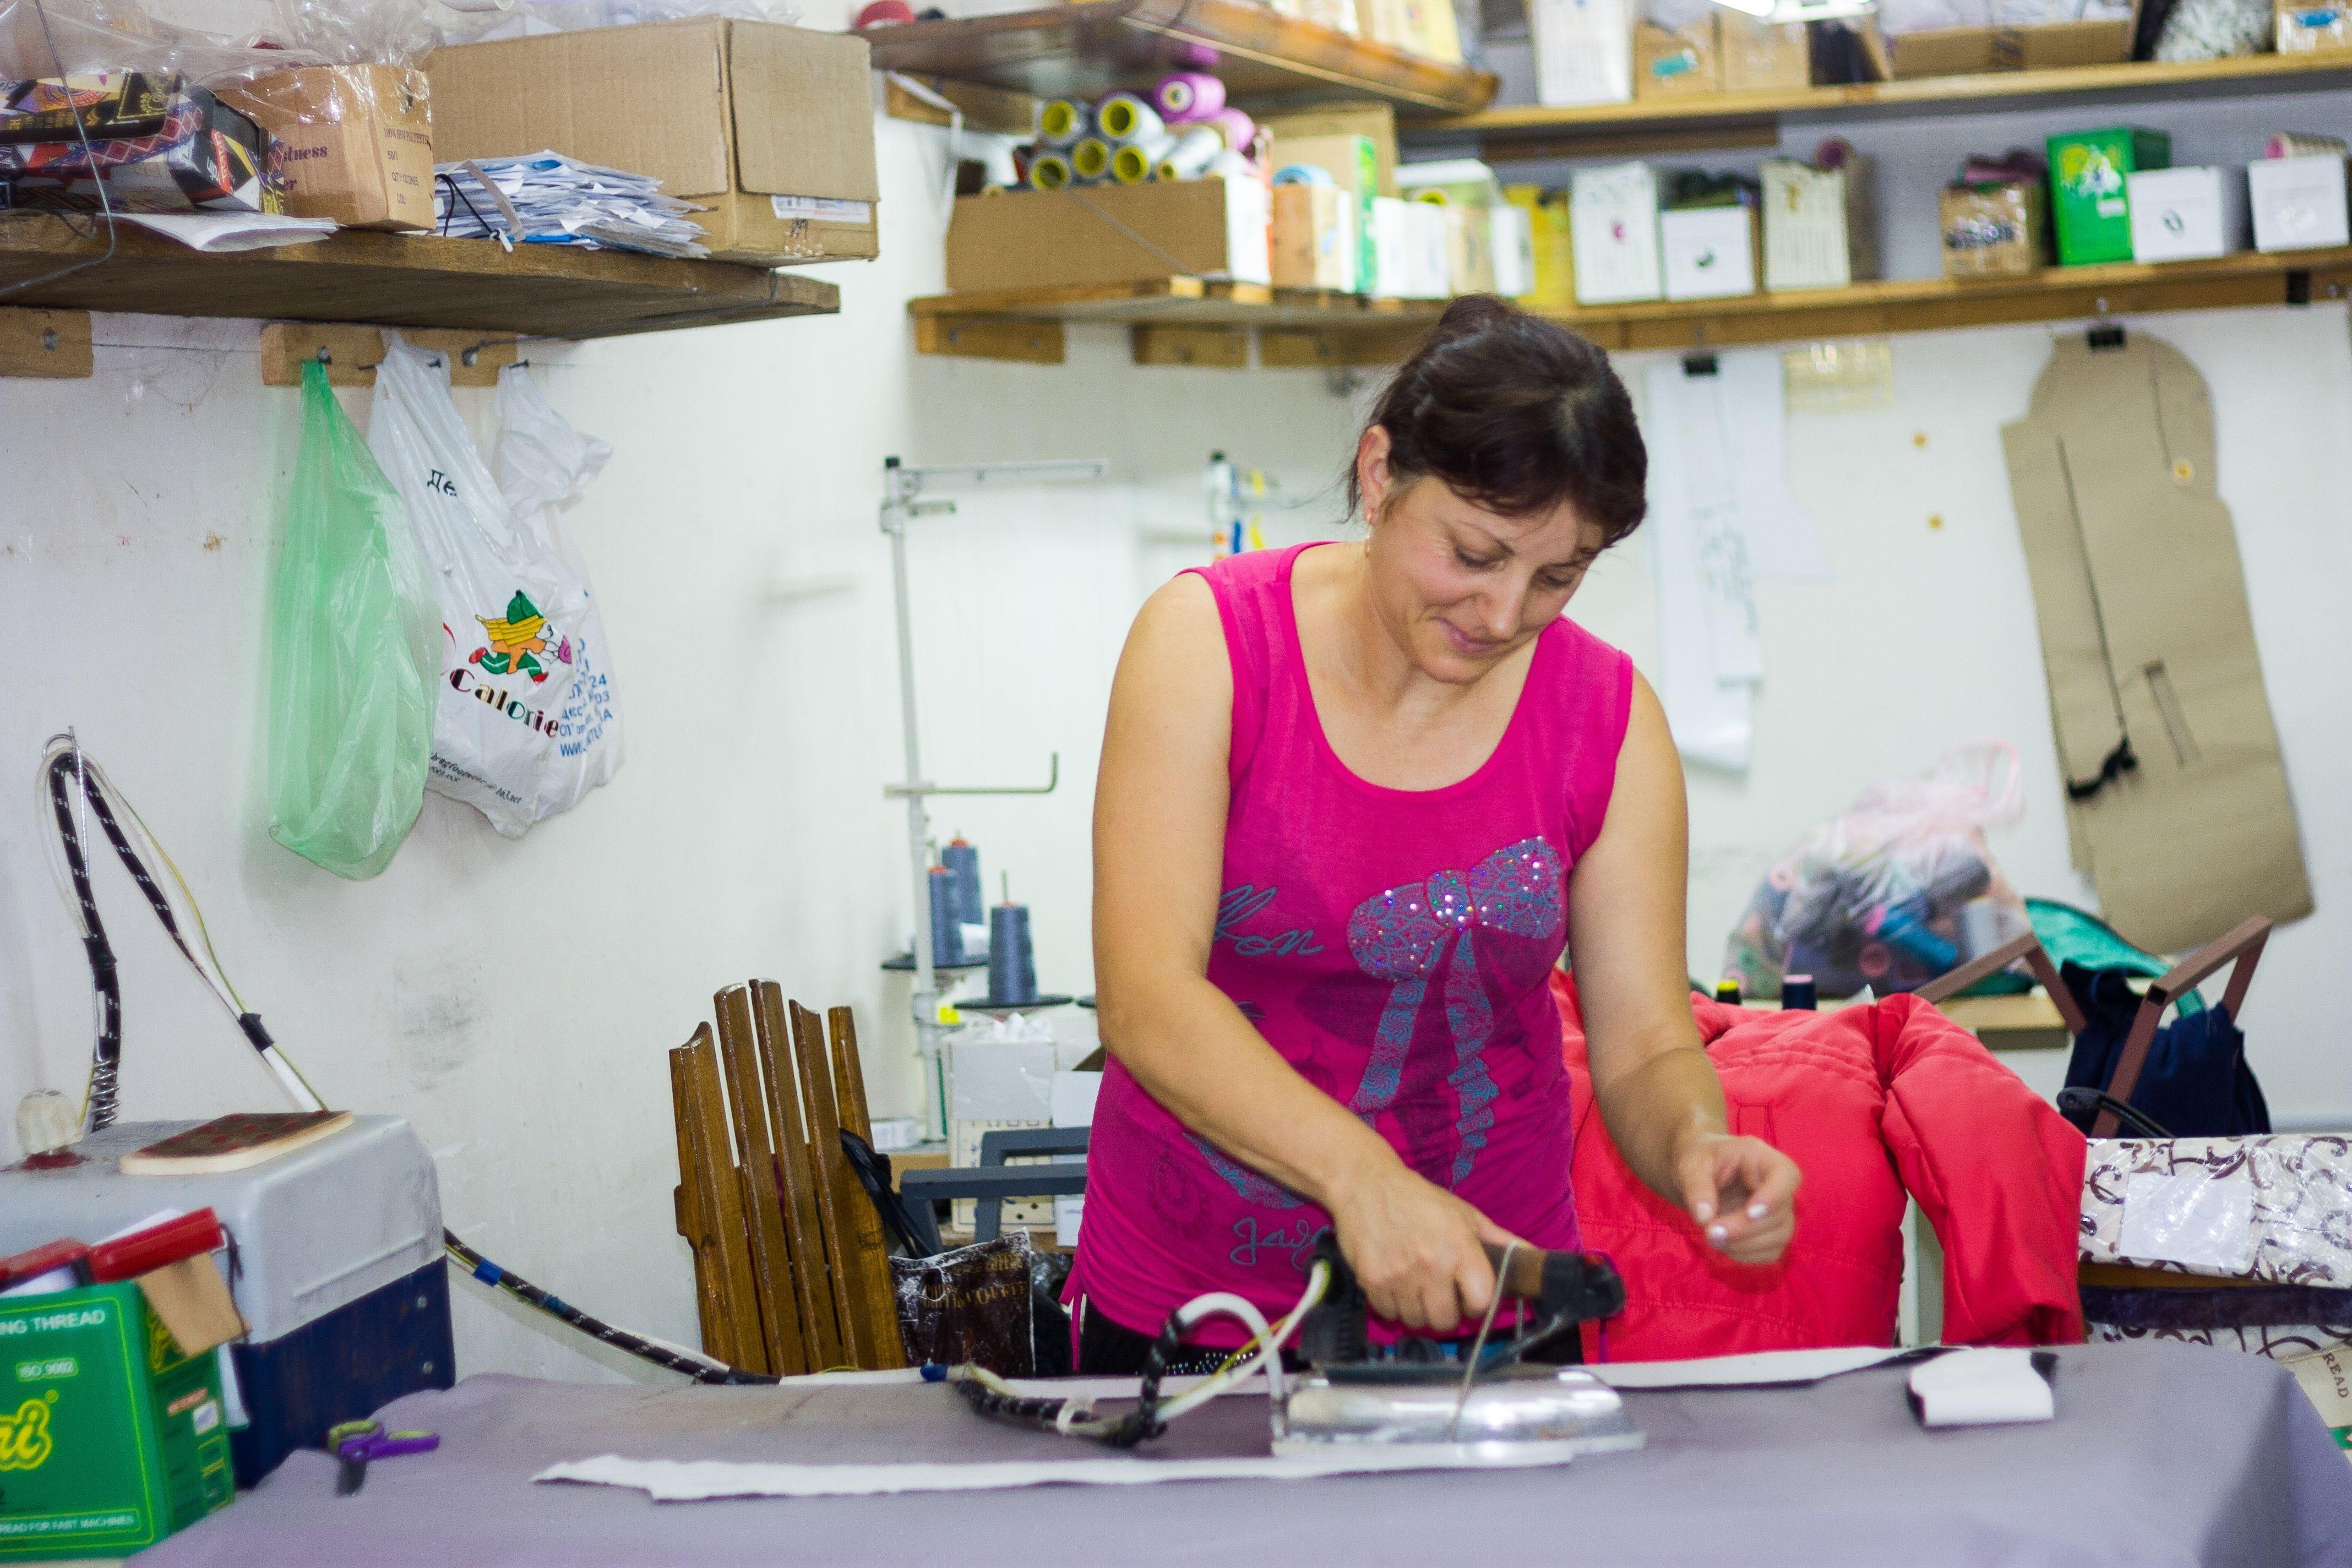 03593f26561b Открываем магазин детских товаров  бизнес-план - Экономика - На ...